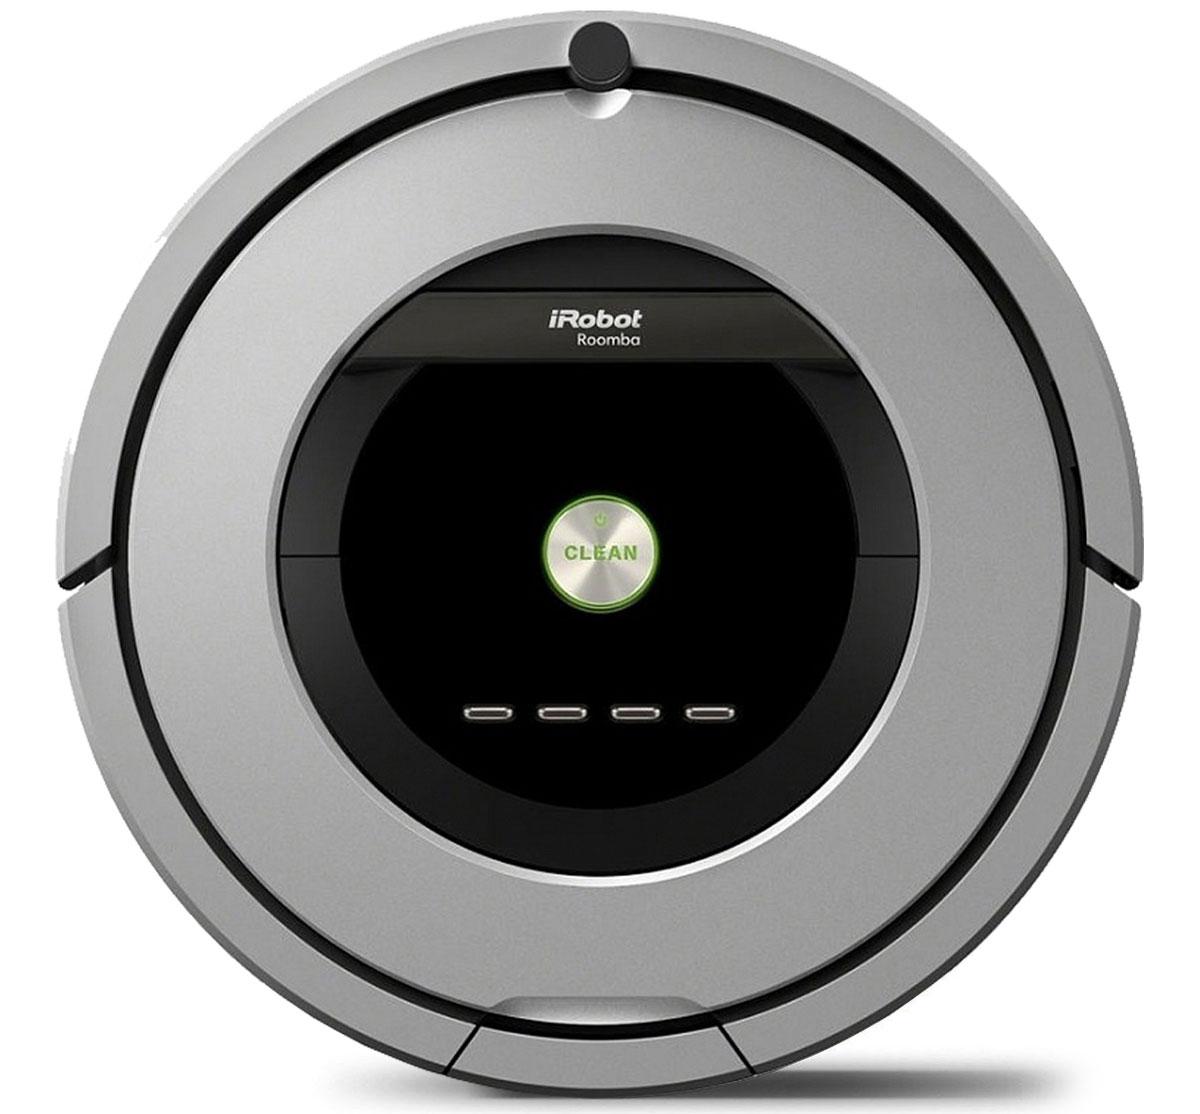 iRobot Roomba 886 робот-пылесос - Пылесосы